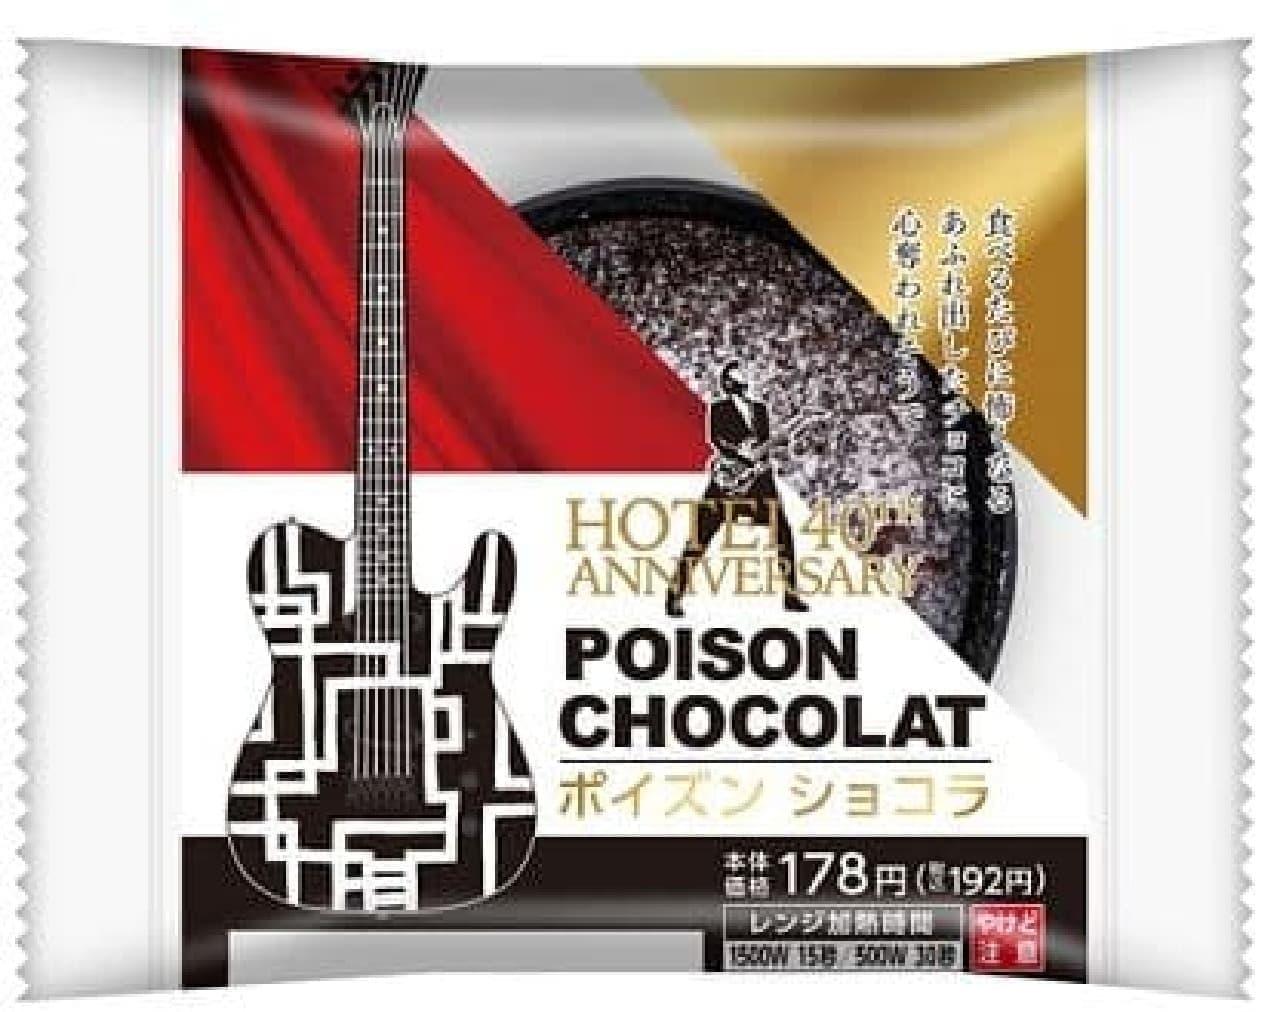 ローソンストア100「ポイズン ショコラ」